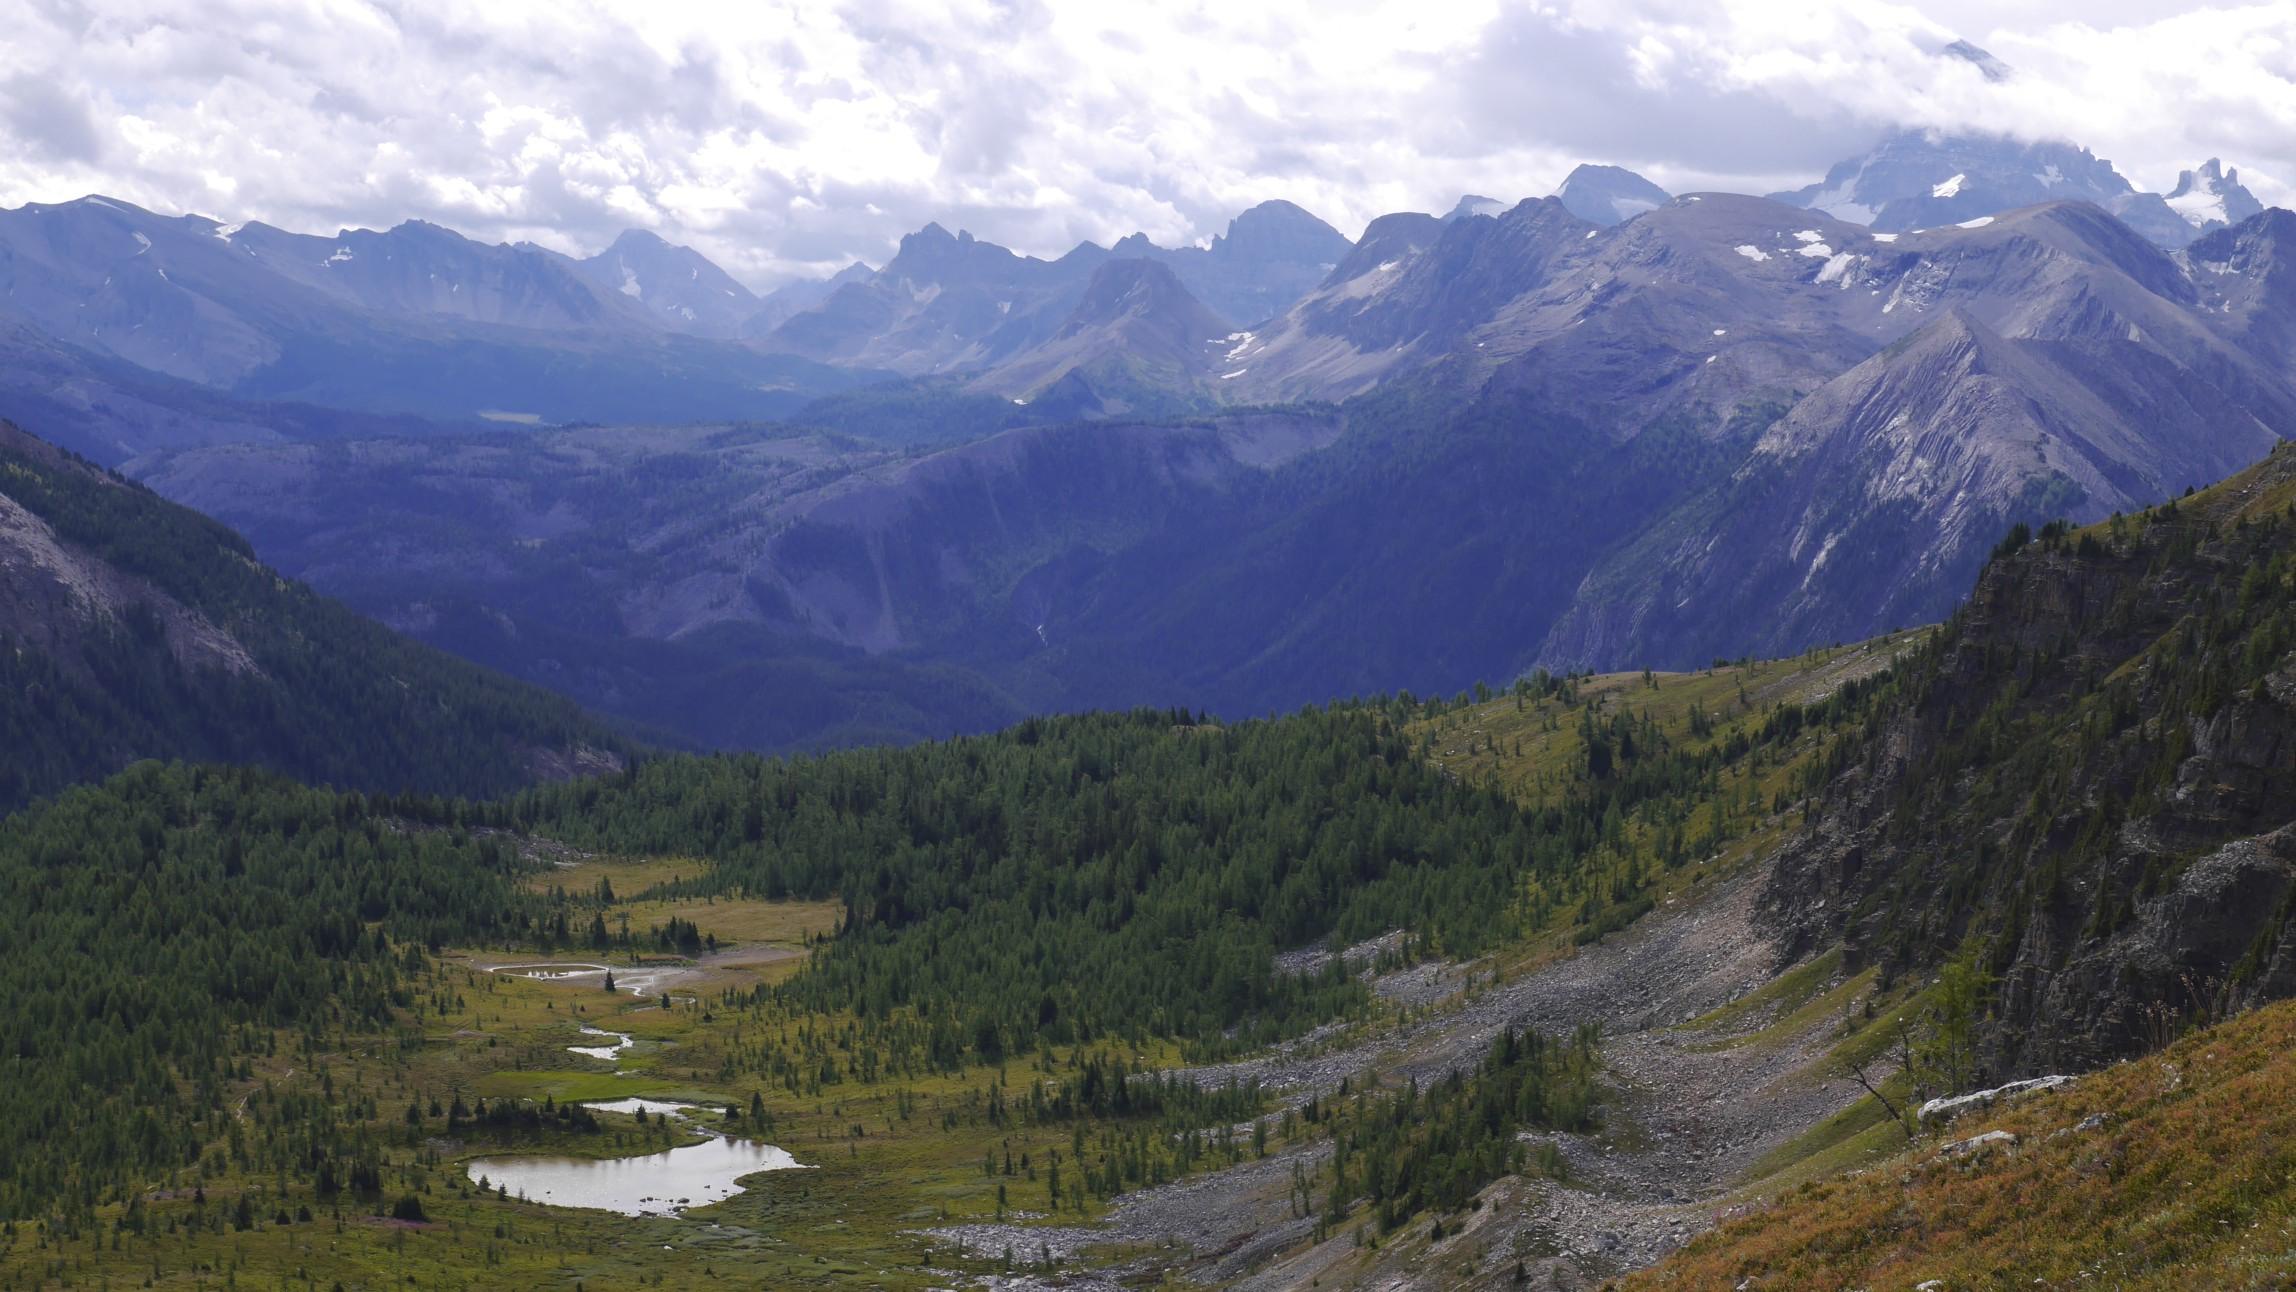 Citadel Pass